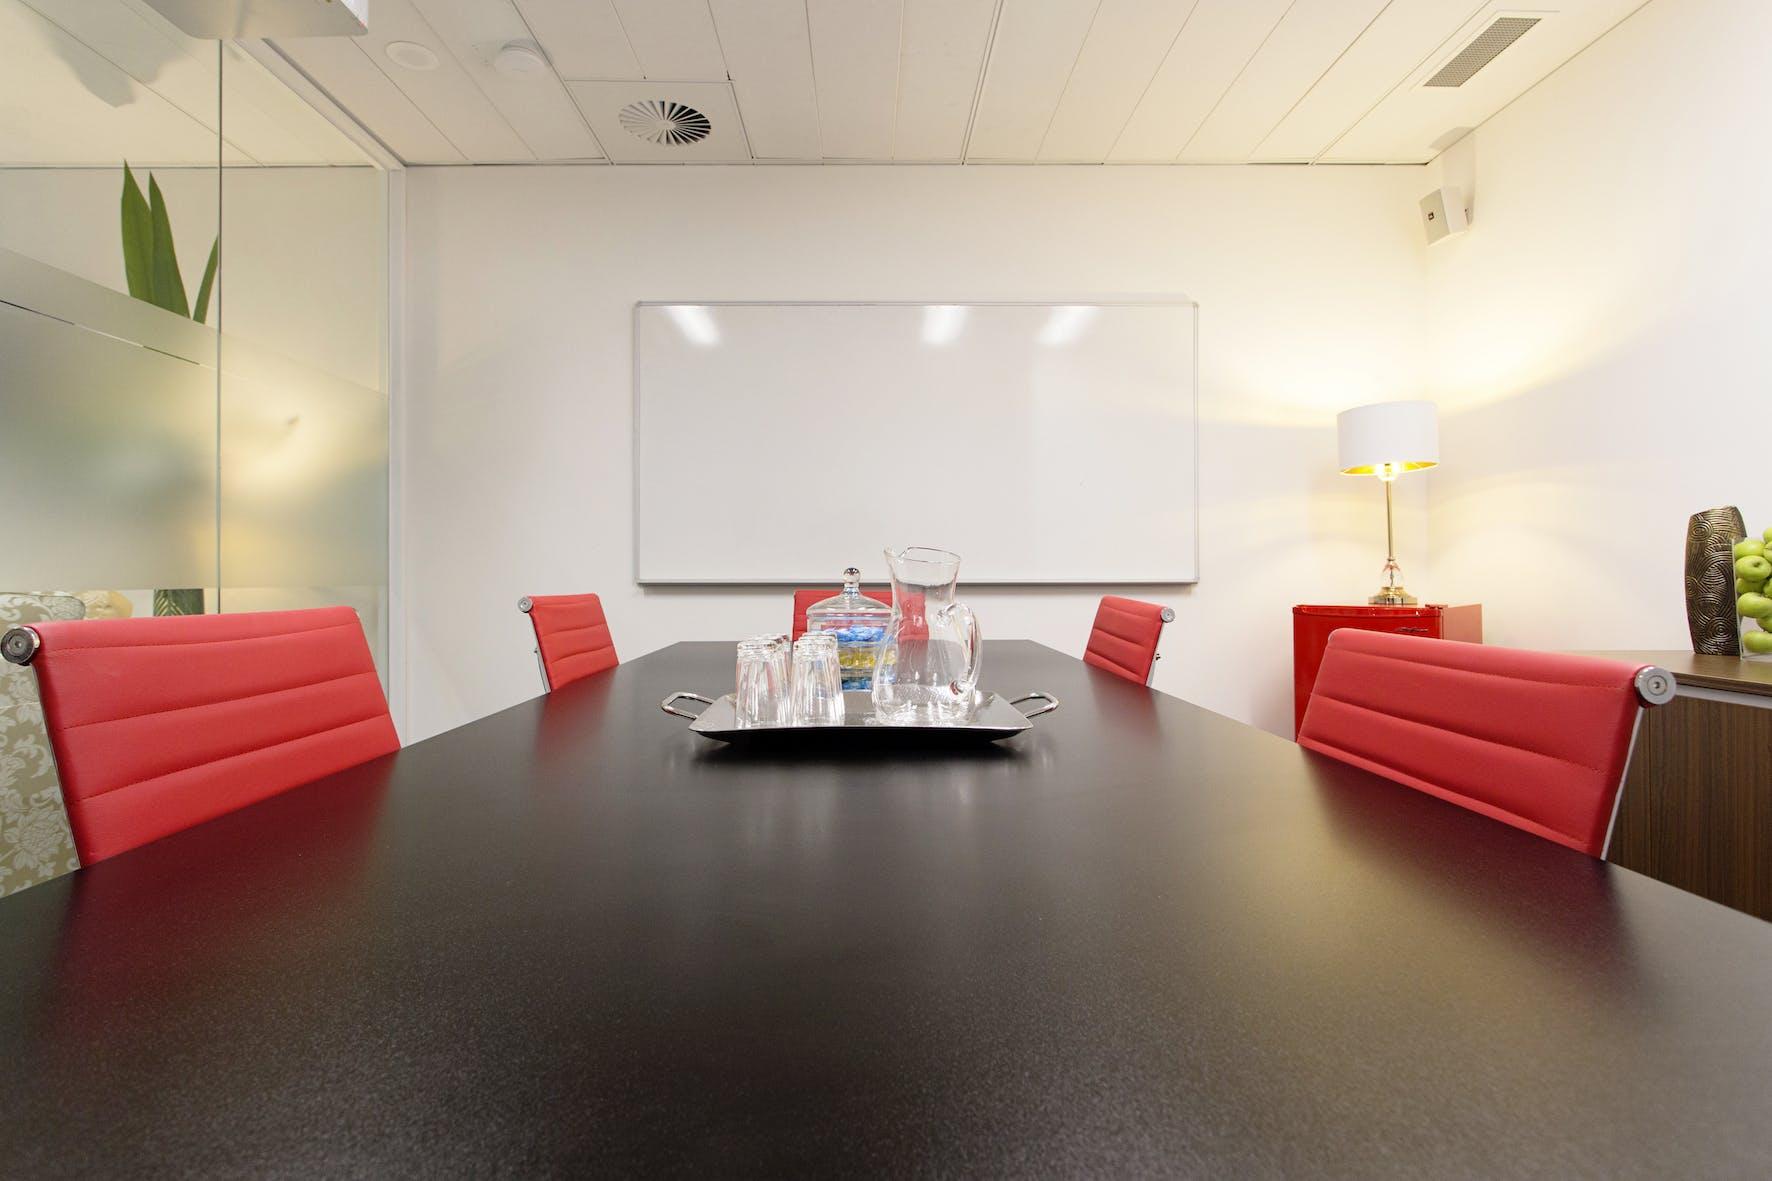 Meeting room at @WORKSPACES, image 1